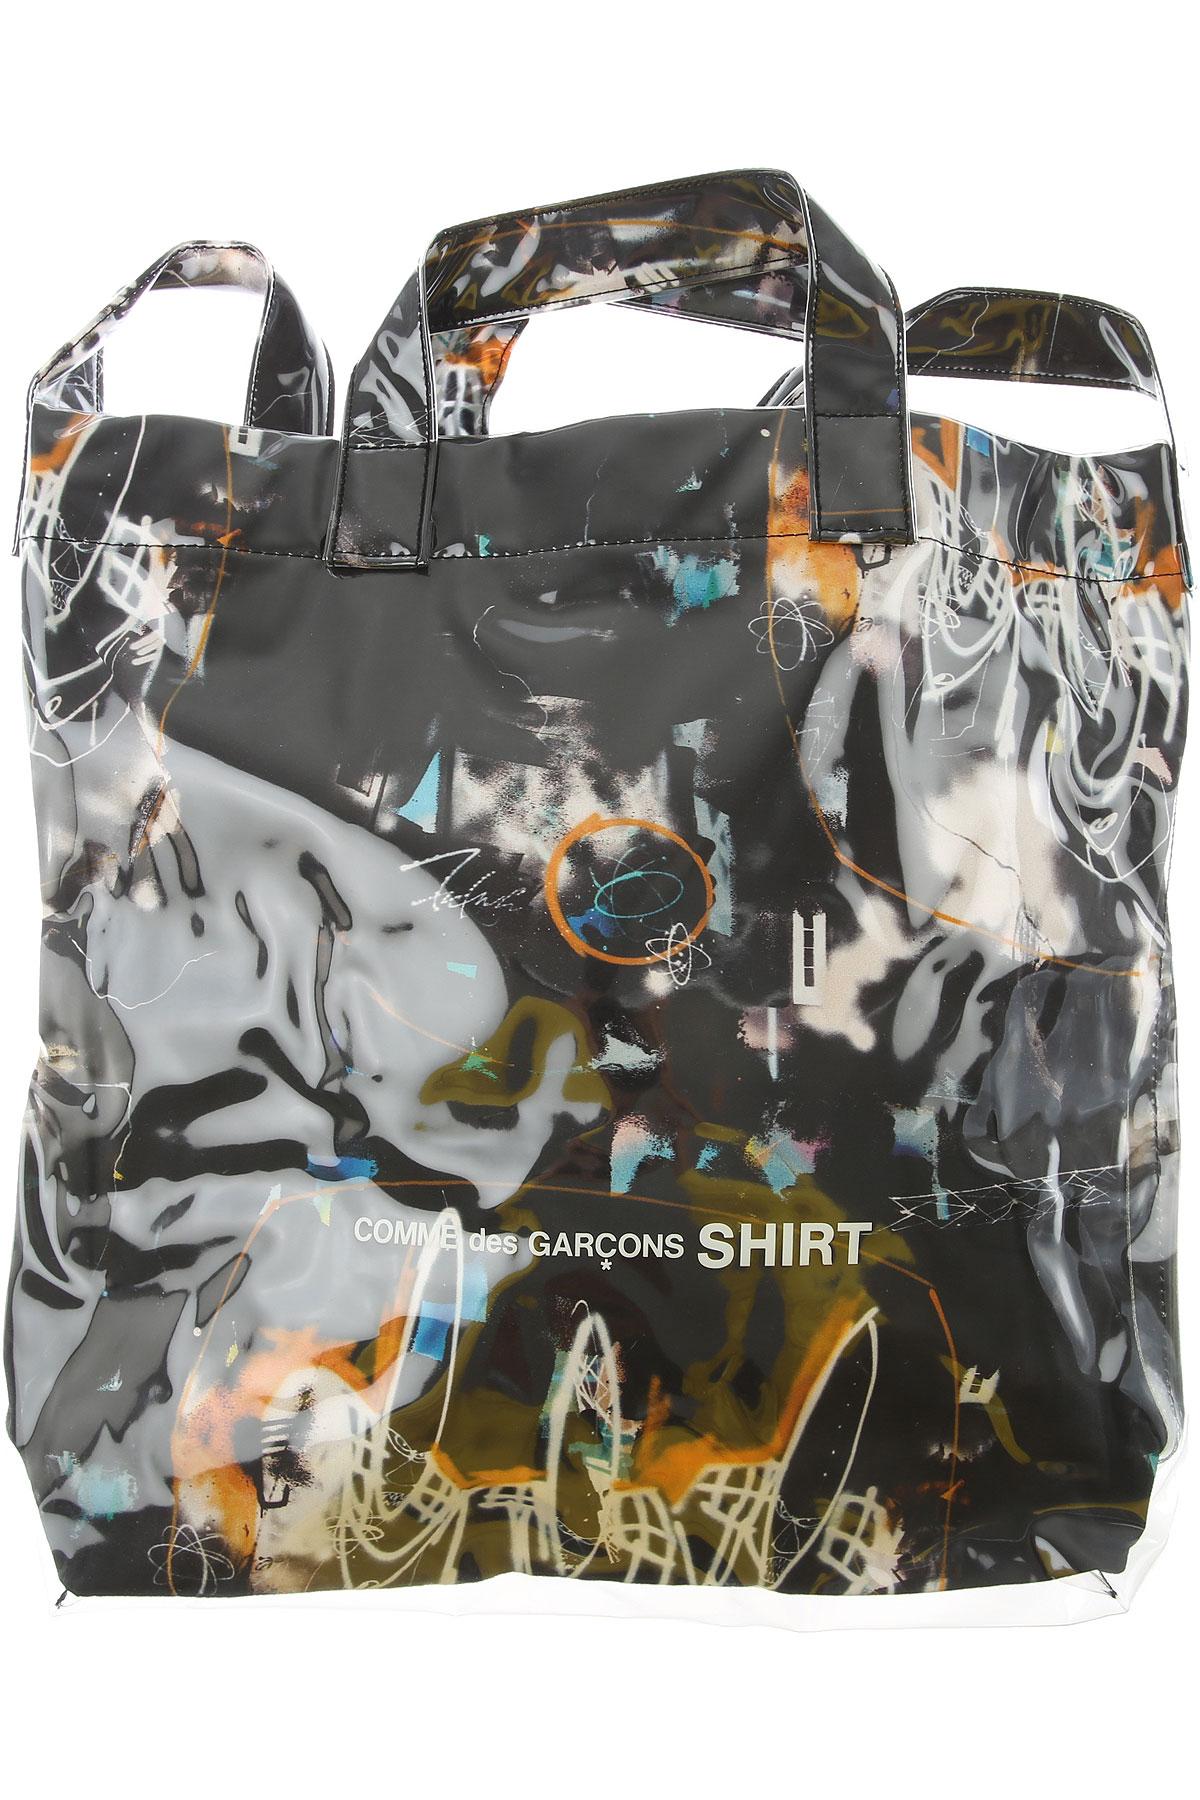 Comme des Garcons Top Handle Handbag, Black, polyurethane, 2019